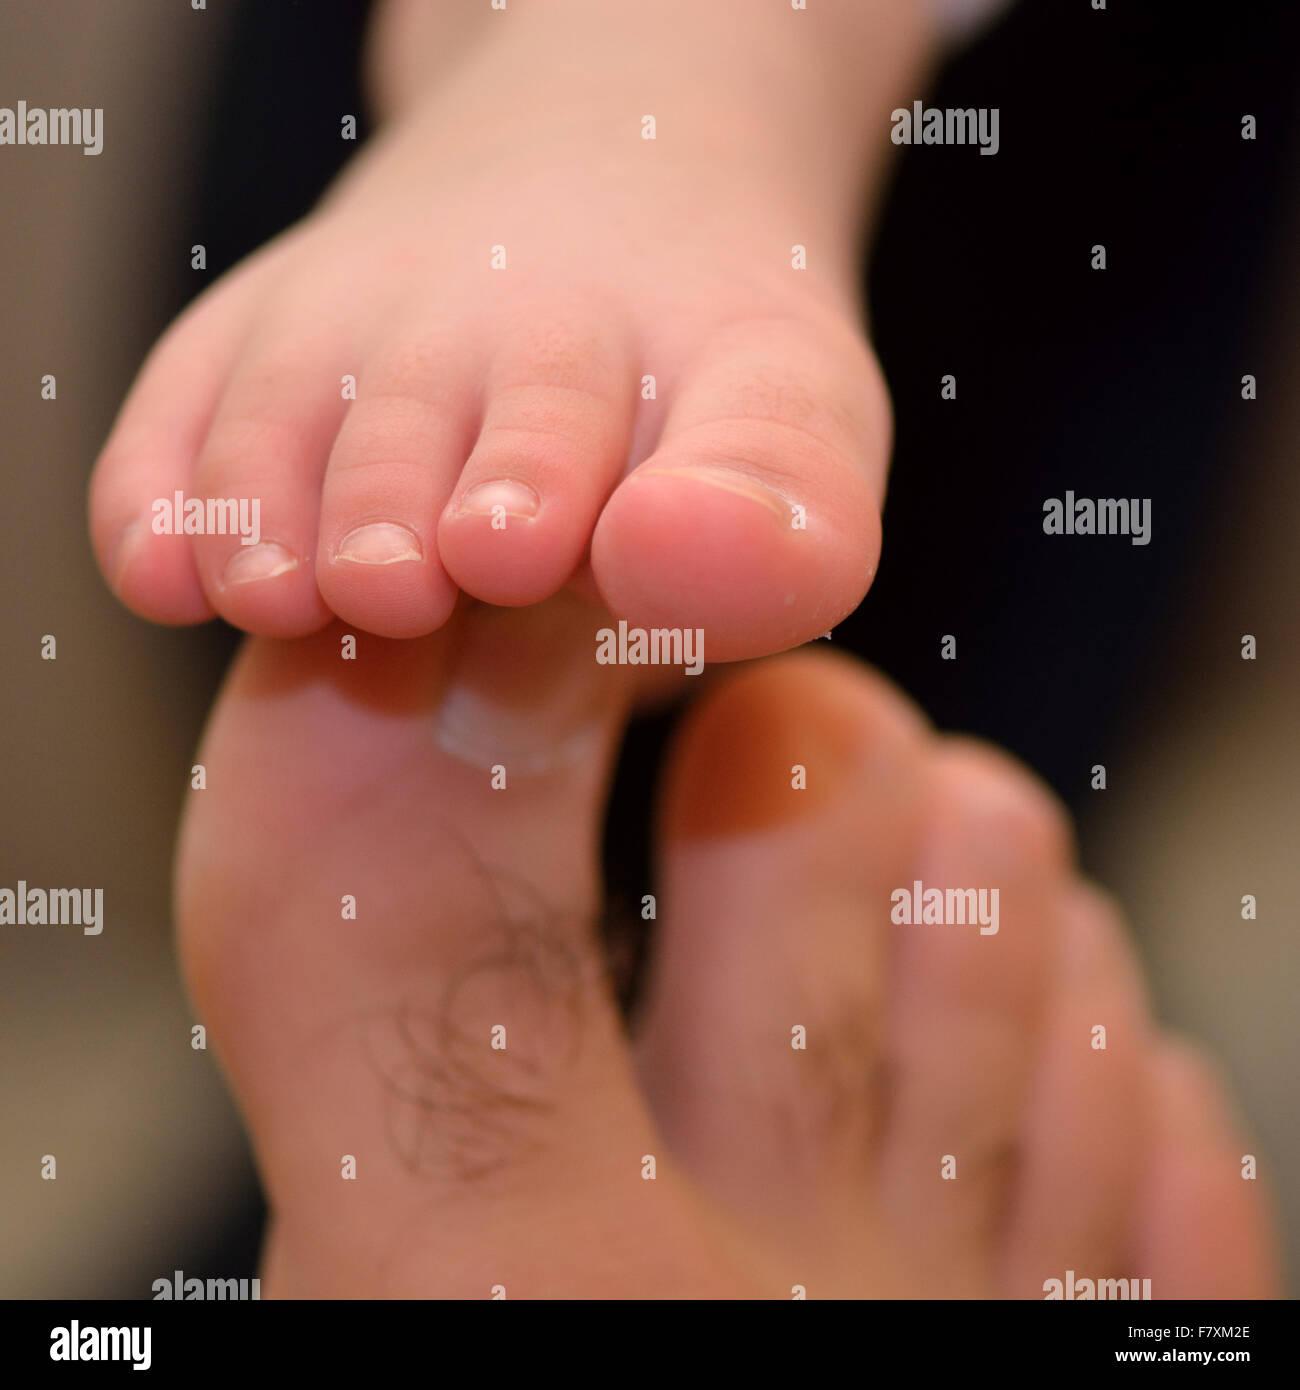 Padre e figlio i piedi toccano, che mostra il confronto delle dimensioni Immagini Stock